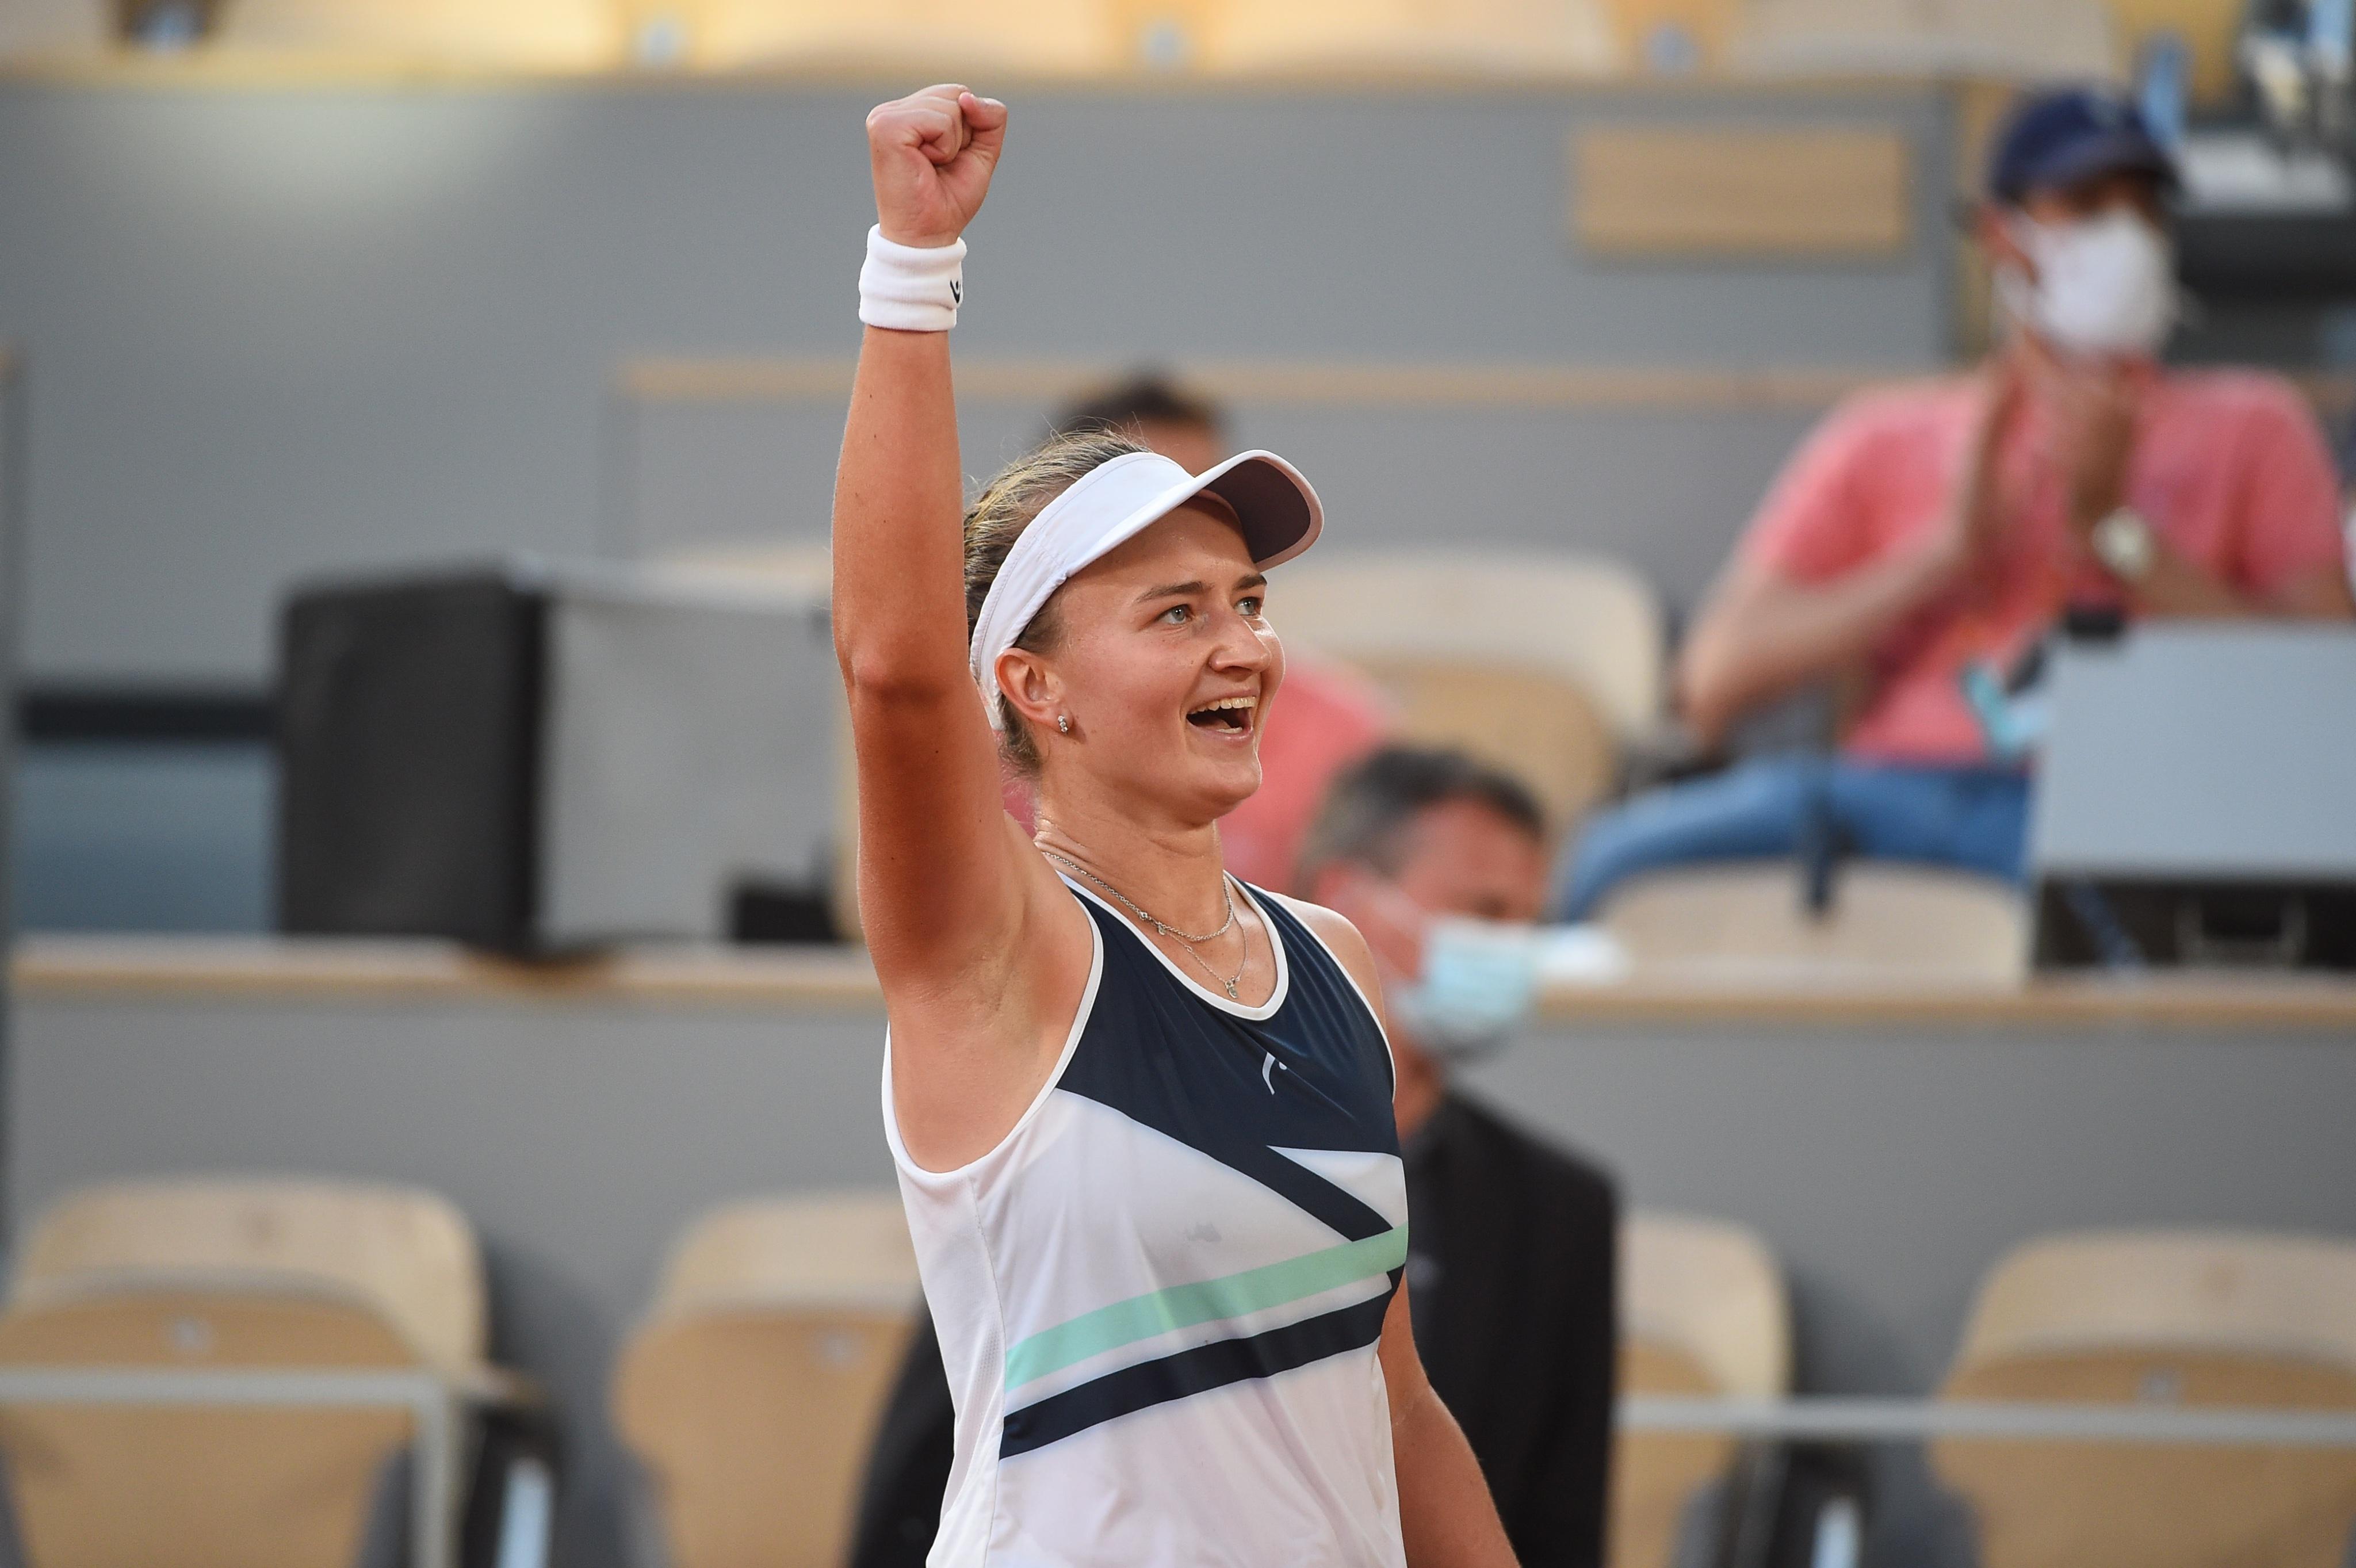 Barbora Krejcikova vence e faz final em Roland Garros